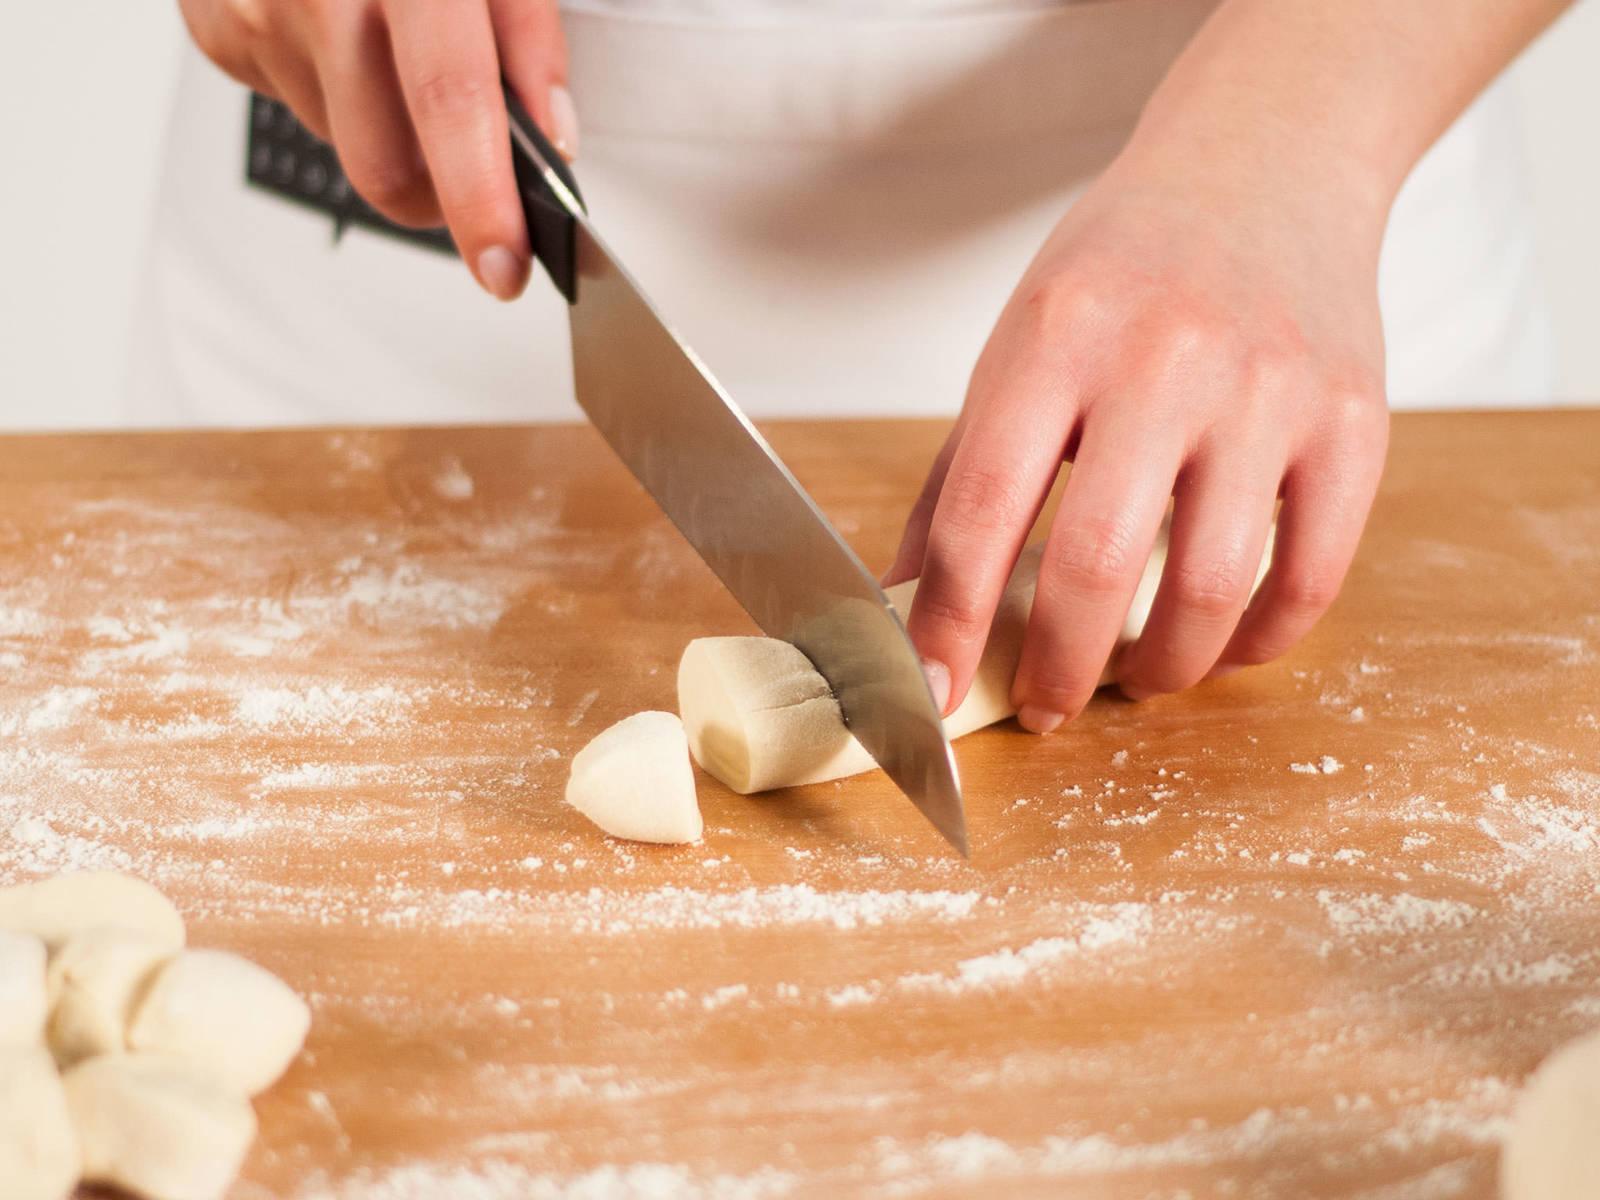 在工作台面上撒少许面粉,将面团切成4等份。每一份切半,分别揉成两个圆柱形。然后用刀切成核桃大小的小面团。